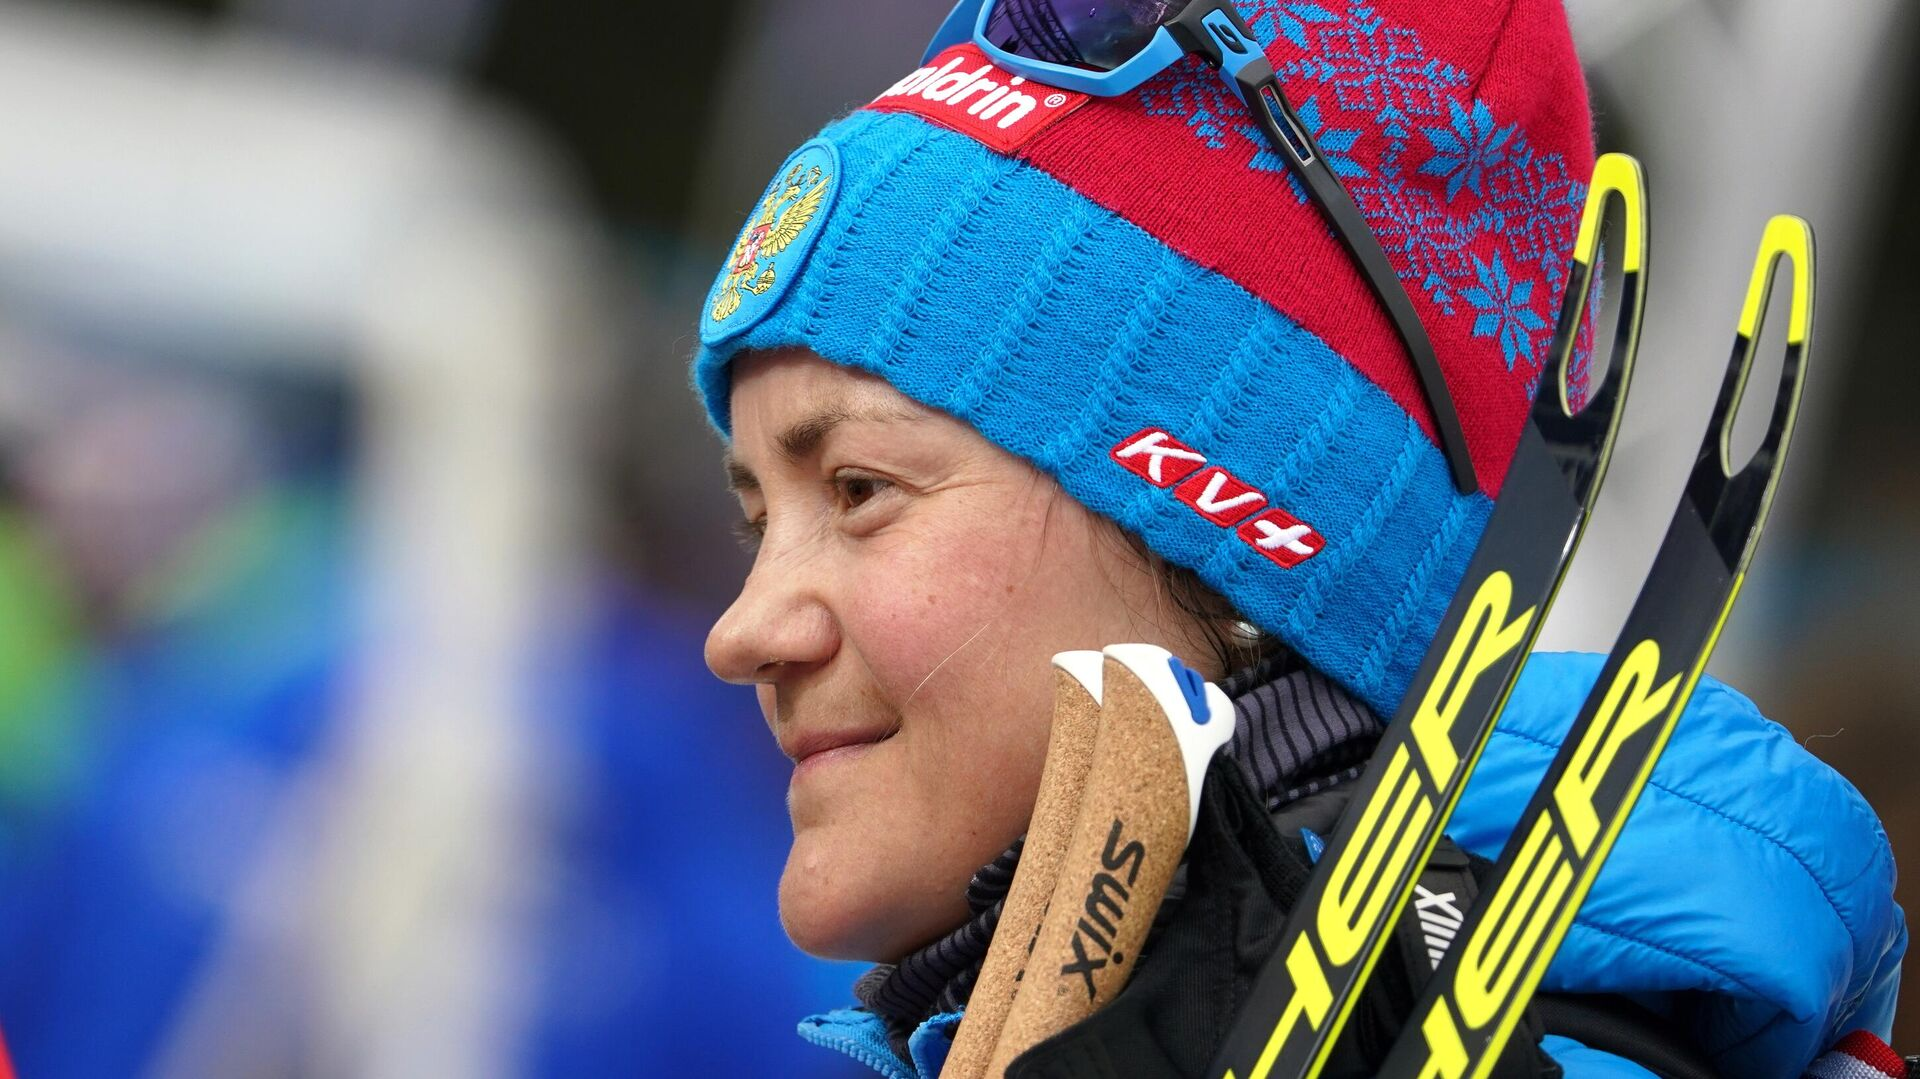 Биатлонистка Екатерина Юрлова-Перхт (Россия)  - РИА Новости, 1920, 22.09.2021